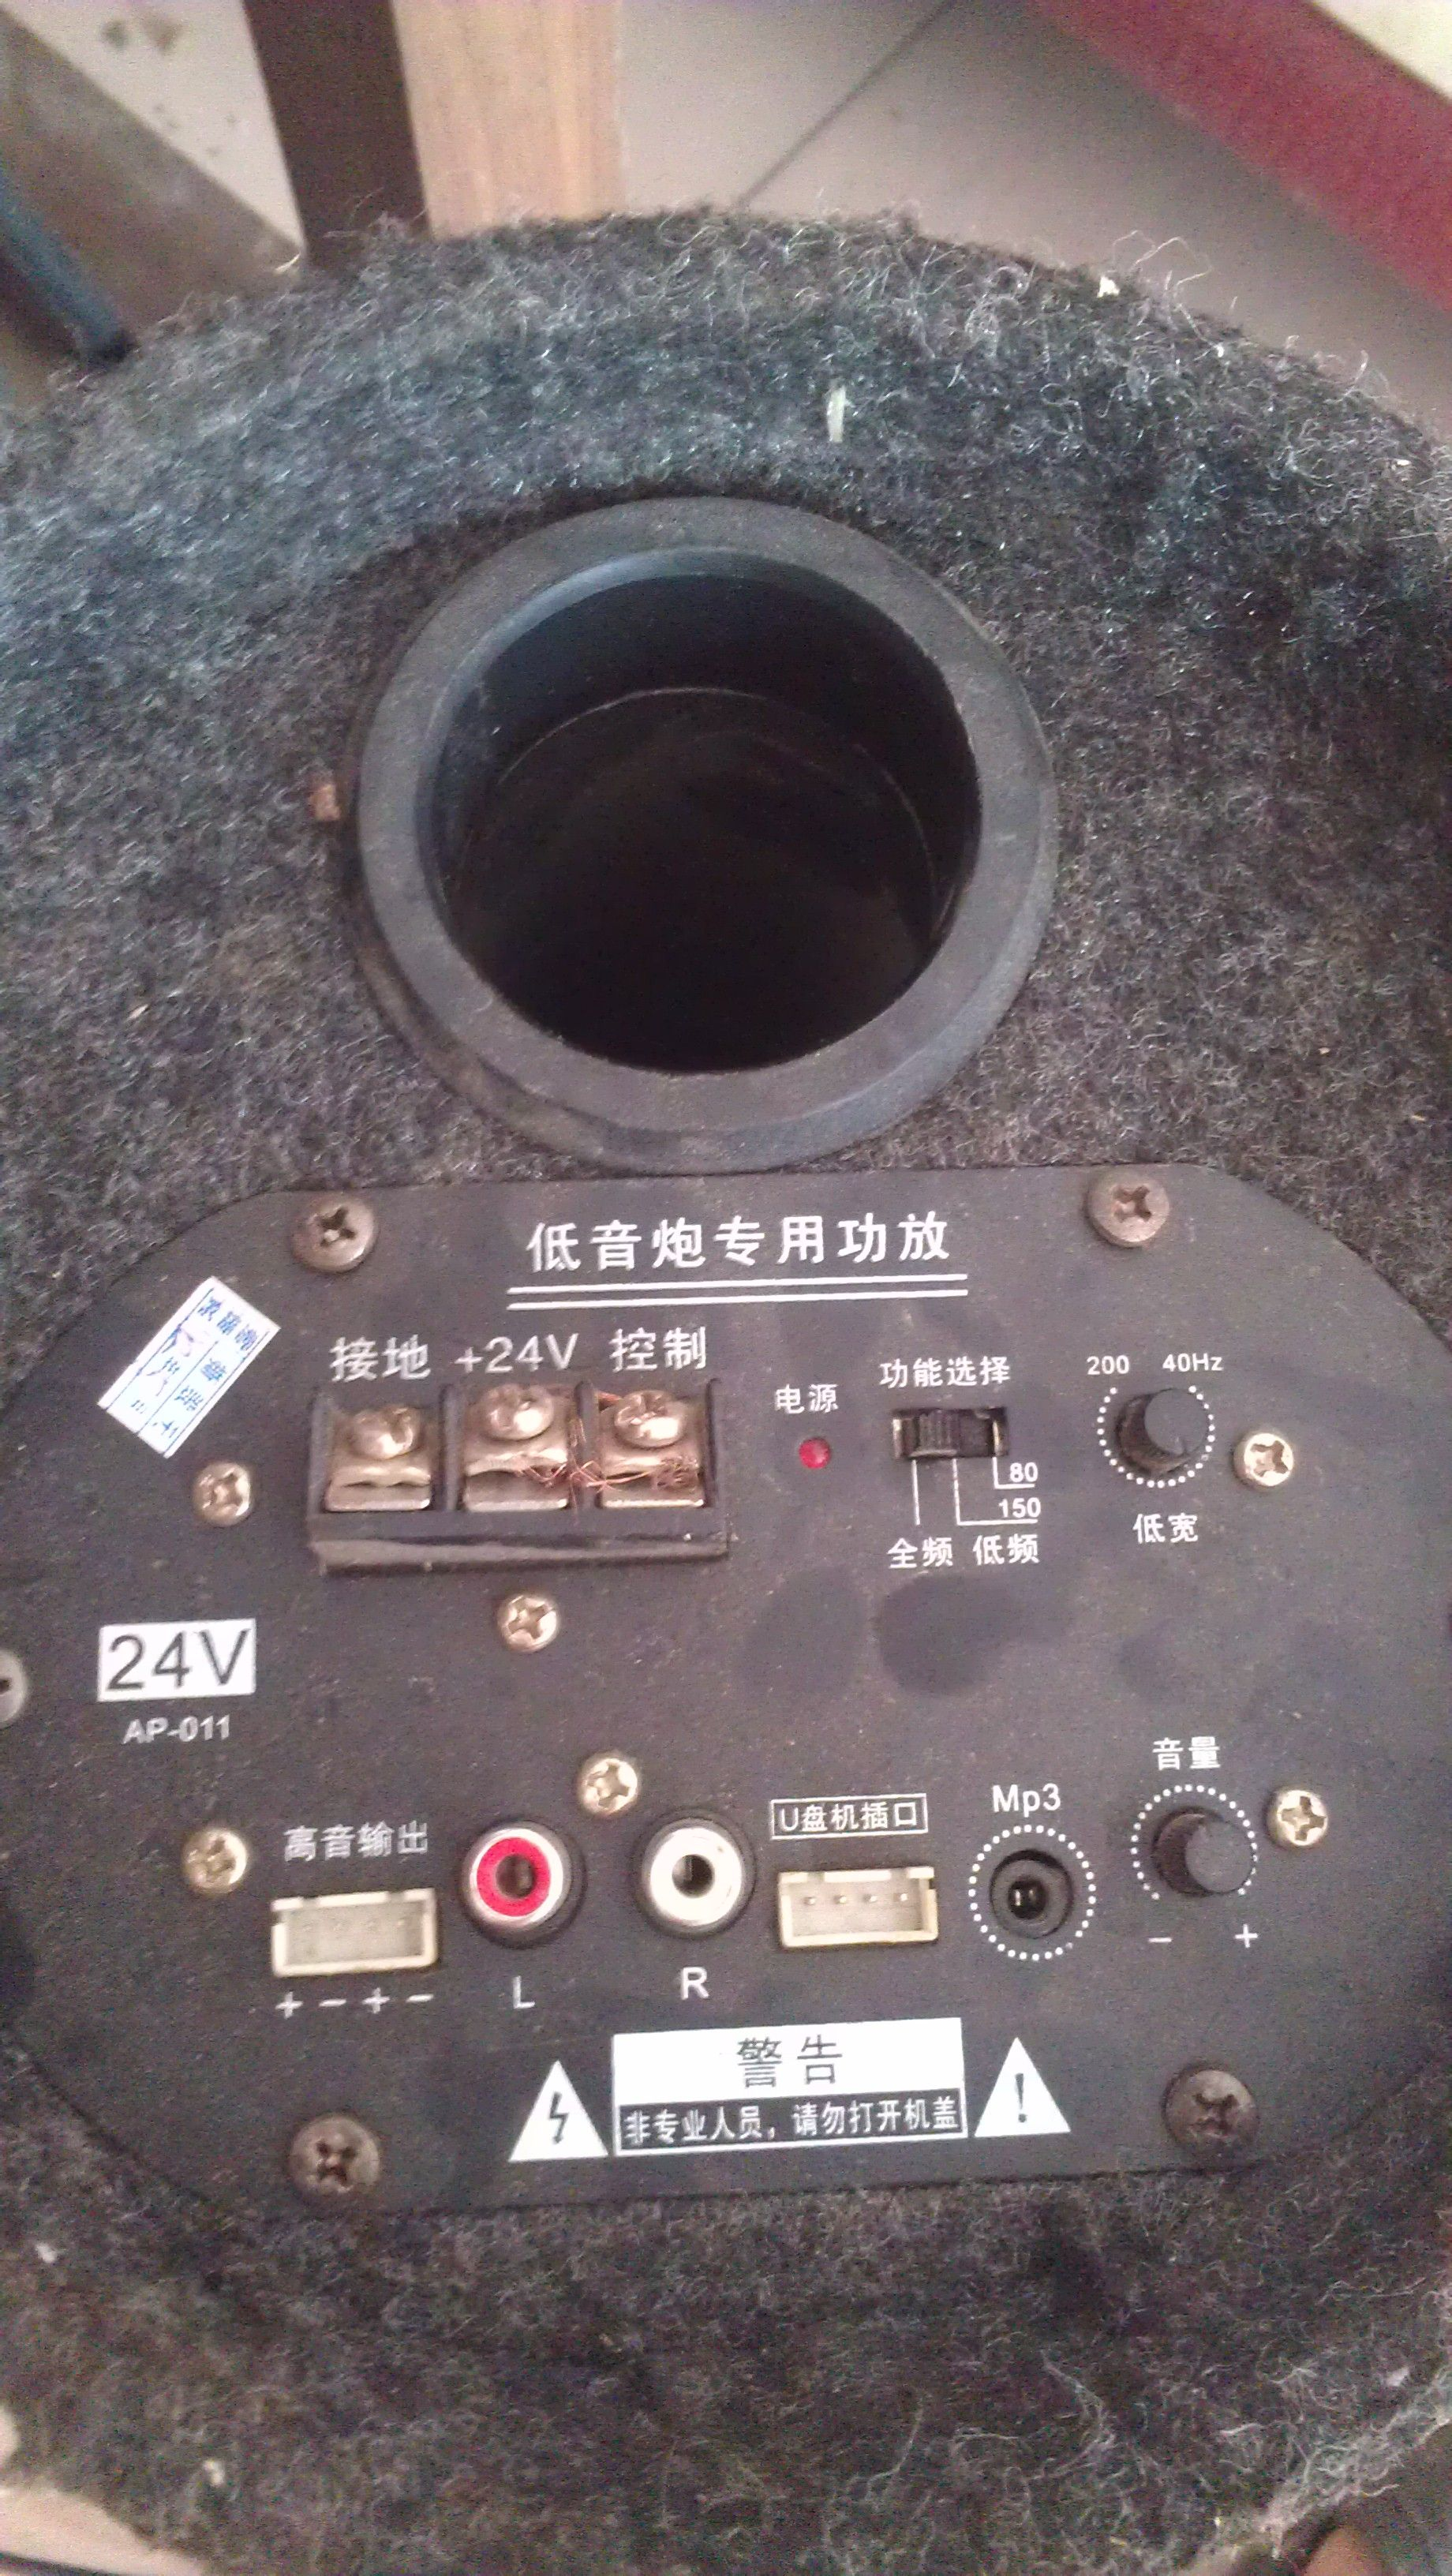 圆筒8寸有源低音炮怎么接线?